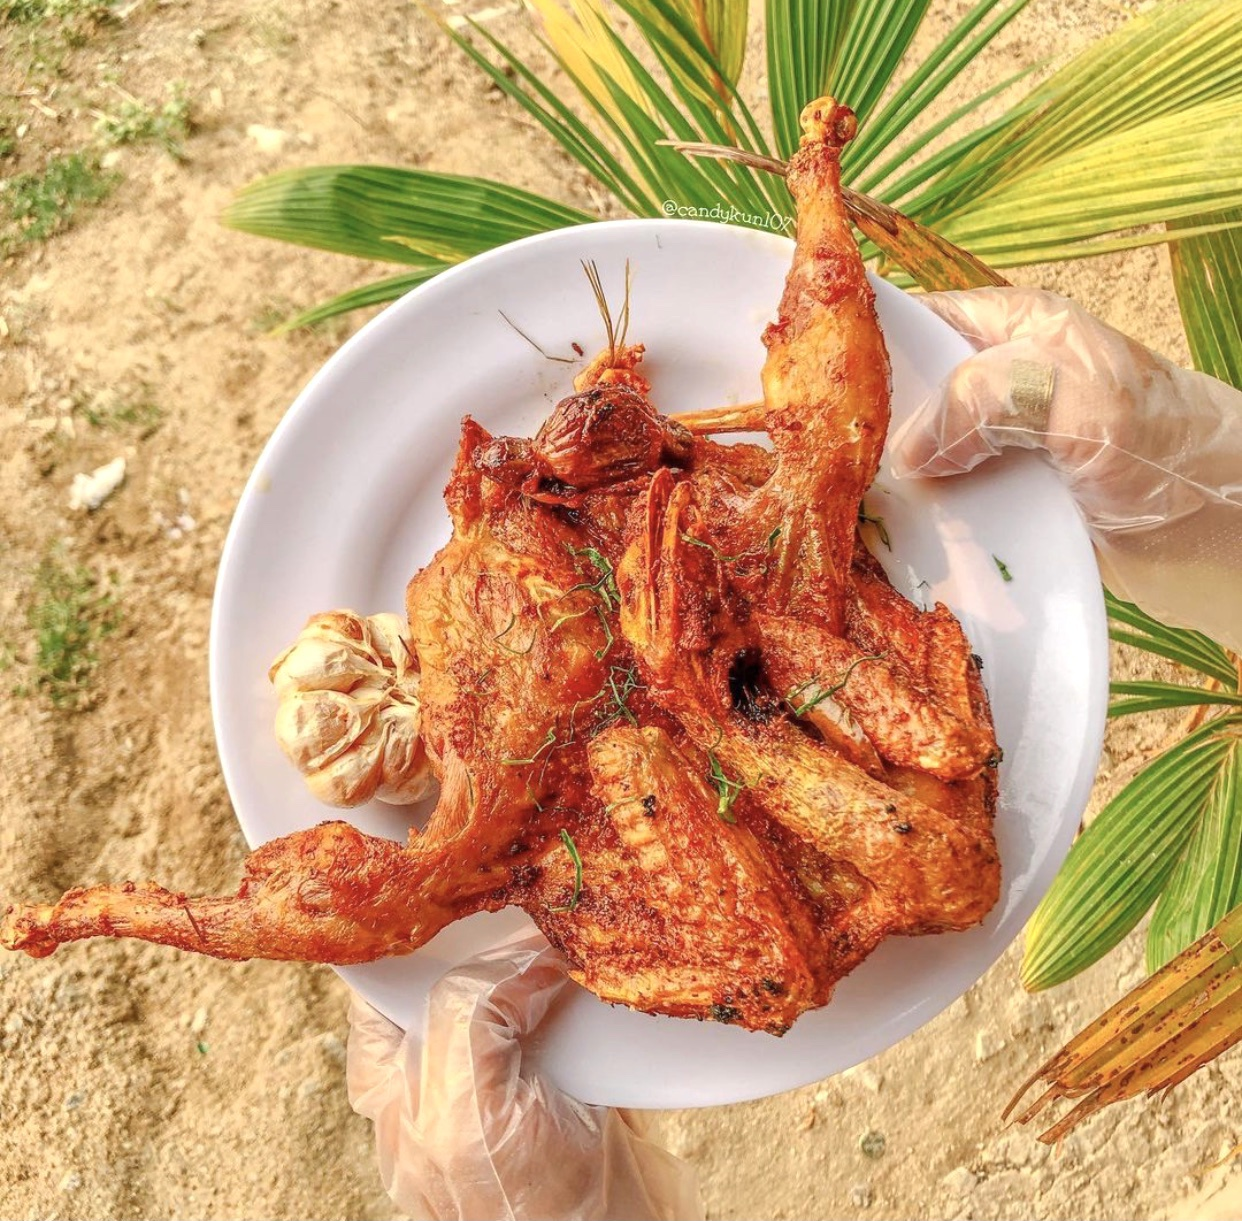 7 đặc sản nướng ngon nhức nách ở miền Tây, ăn một lần nhớ suốt đời, gọi tên những loại nào? - Ảnh 5.